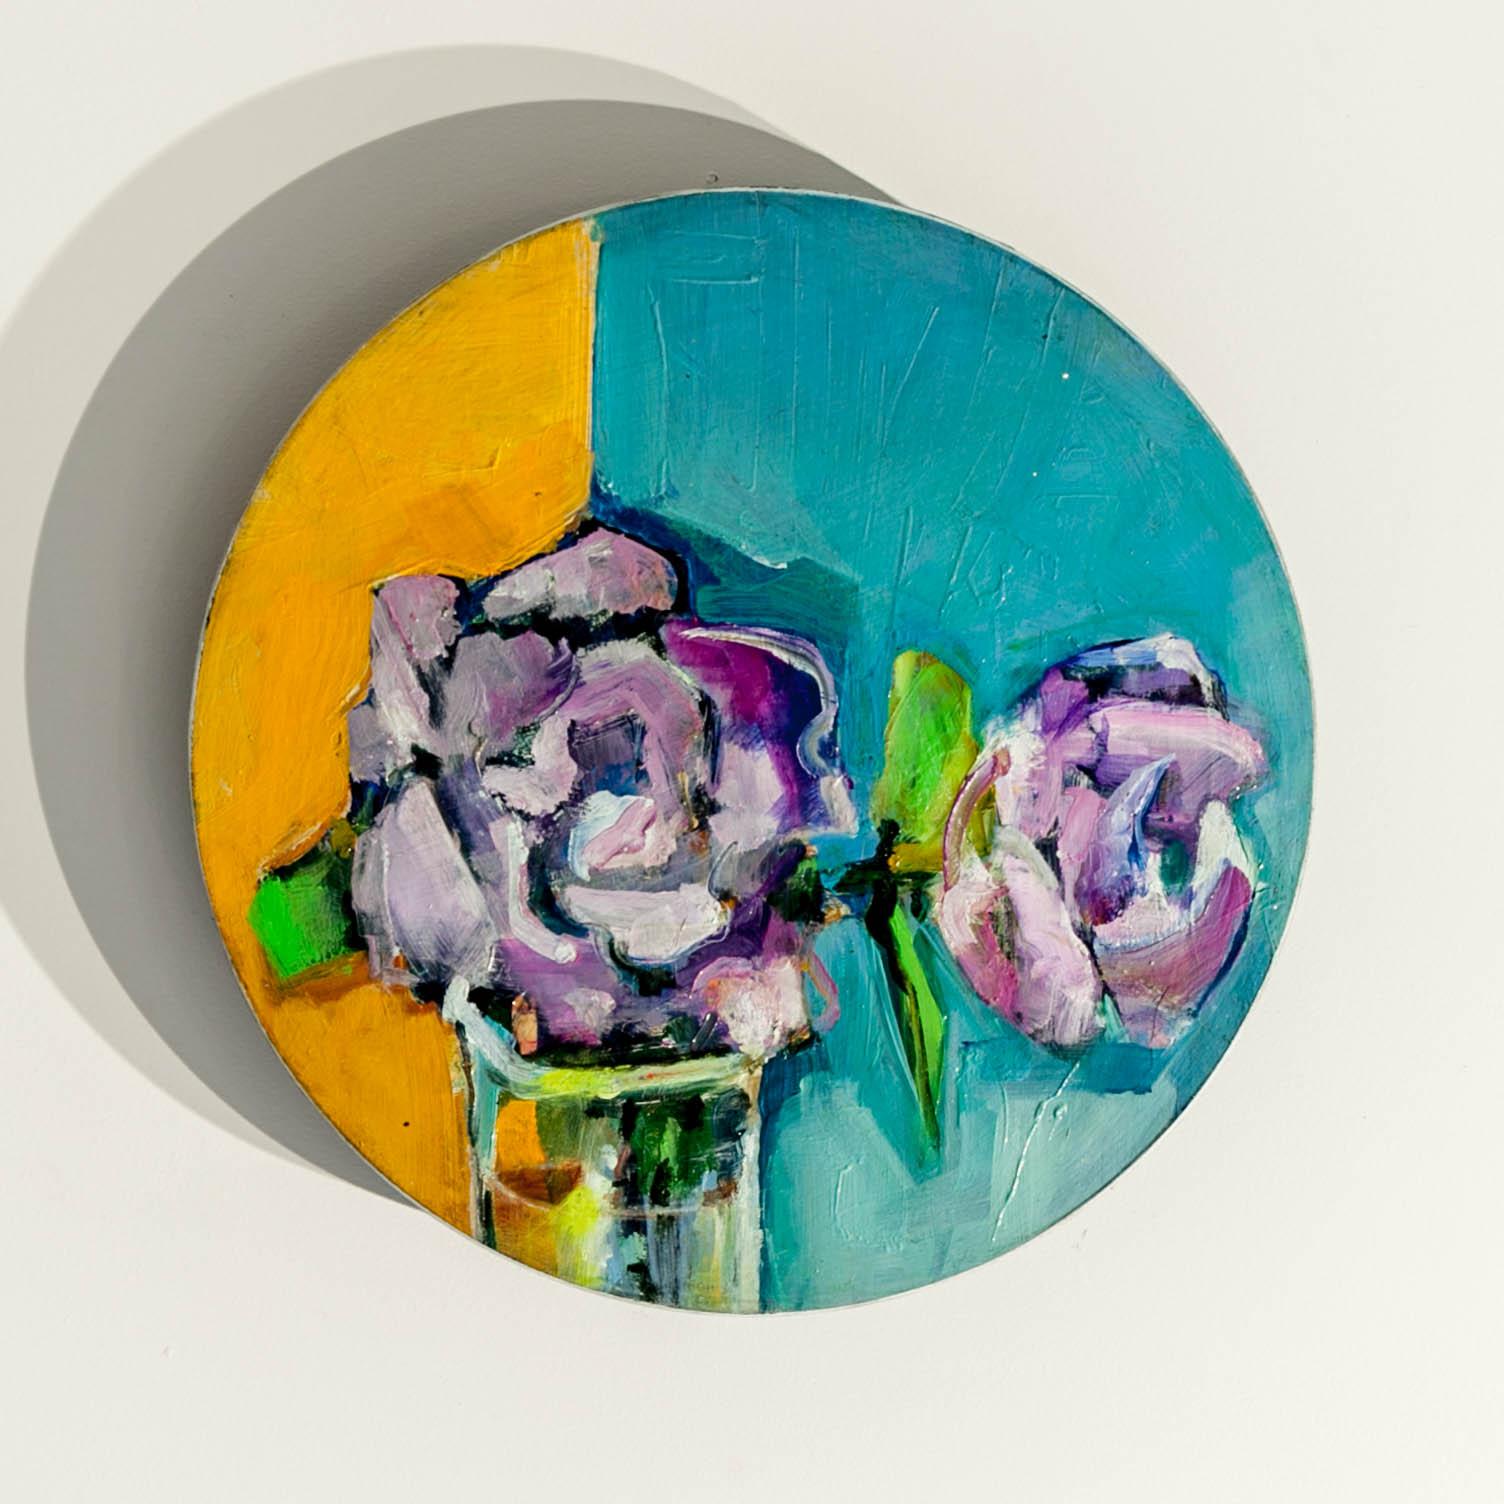 48. $495, John Lancashire, Roses I